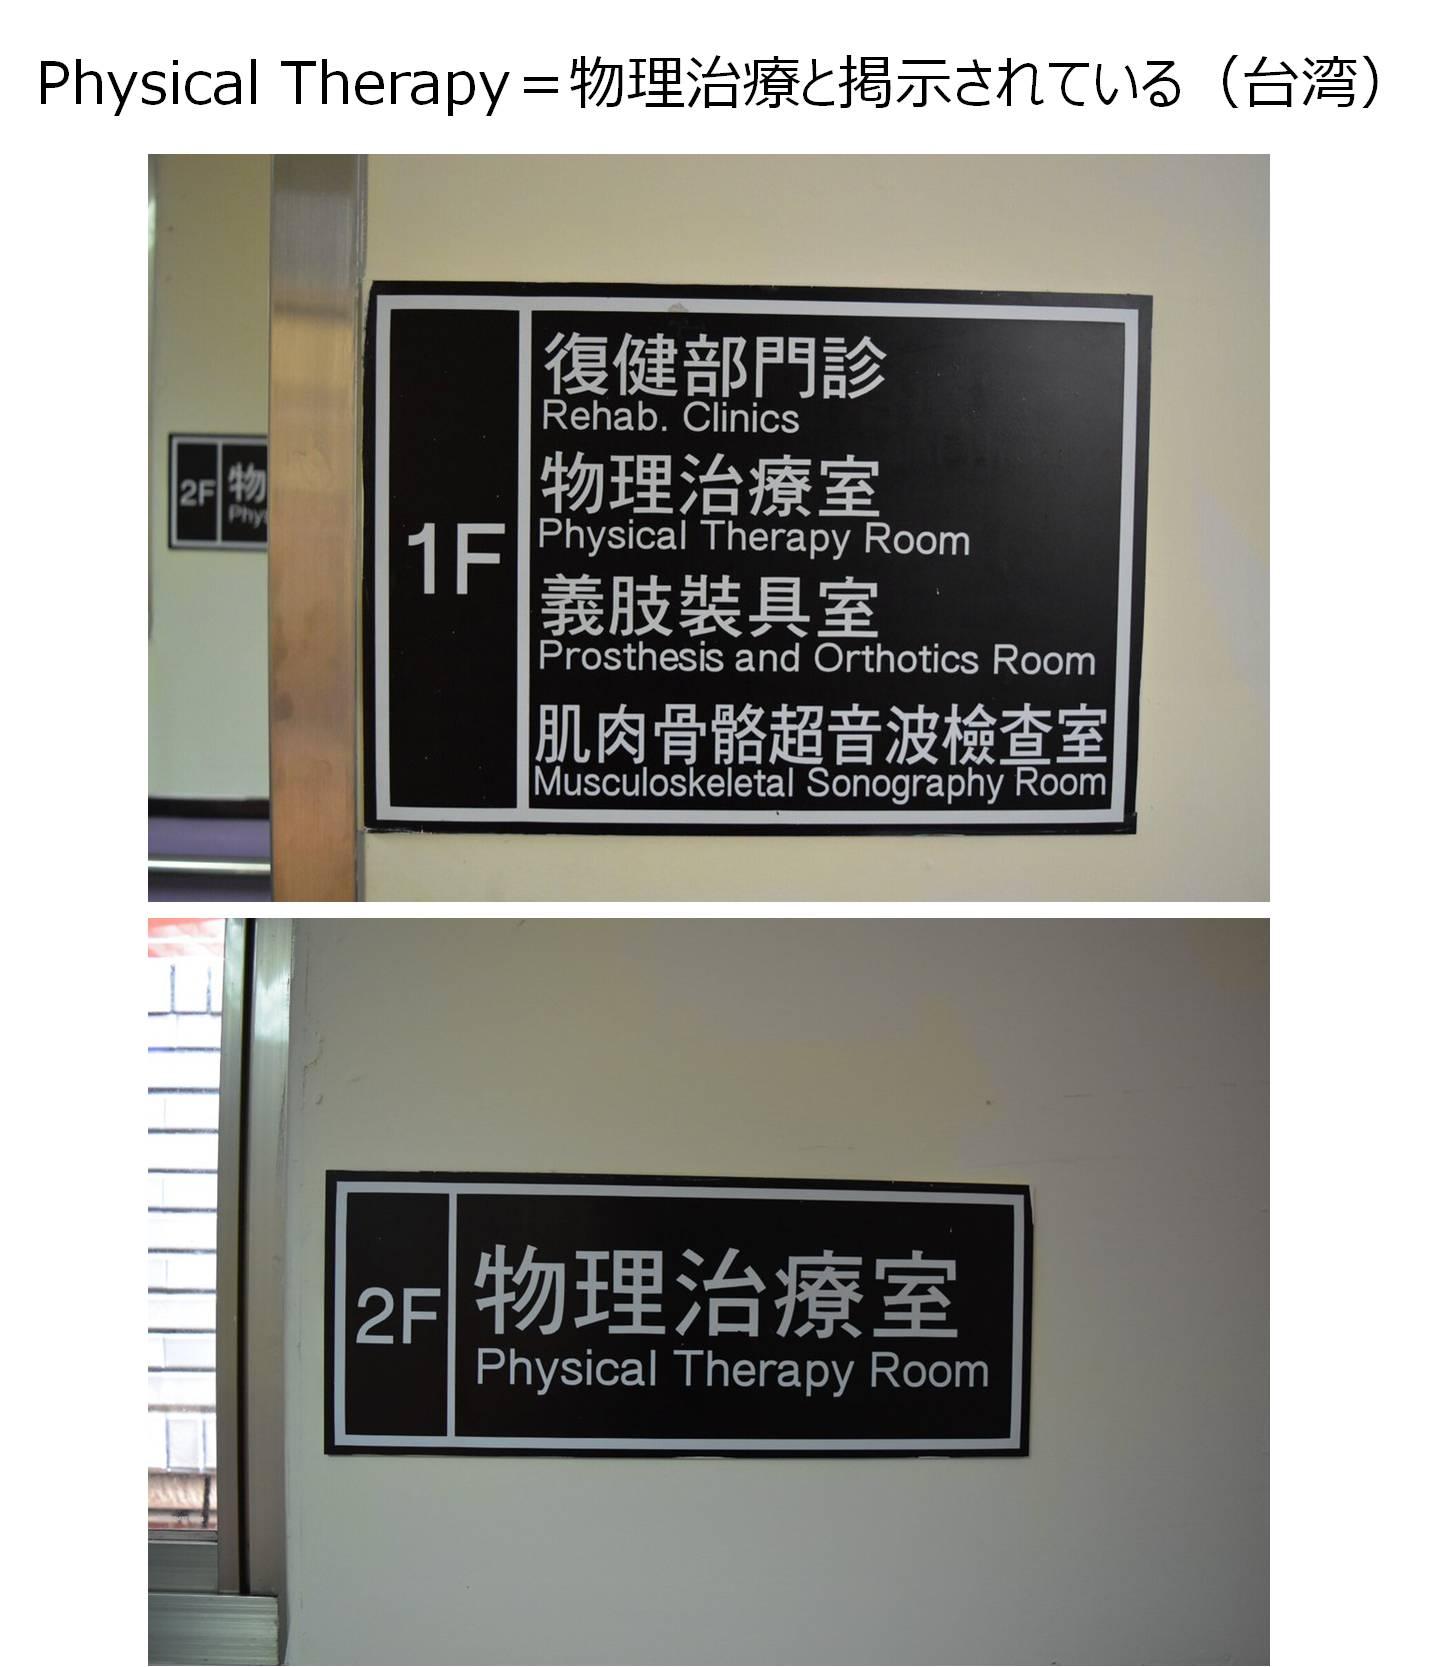 理学療法 物理療法 翻訳